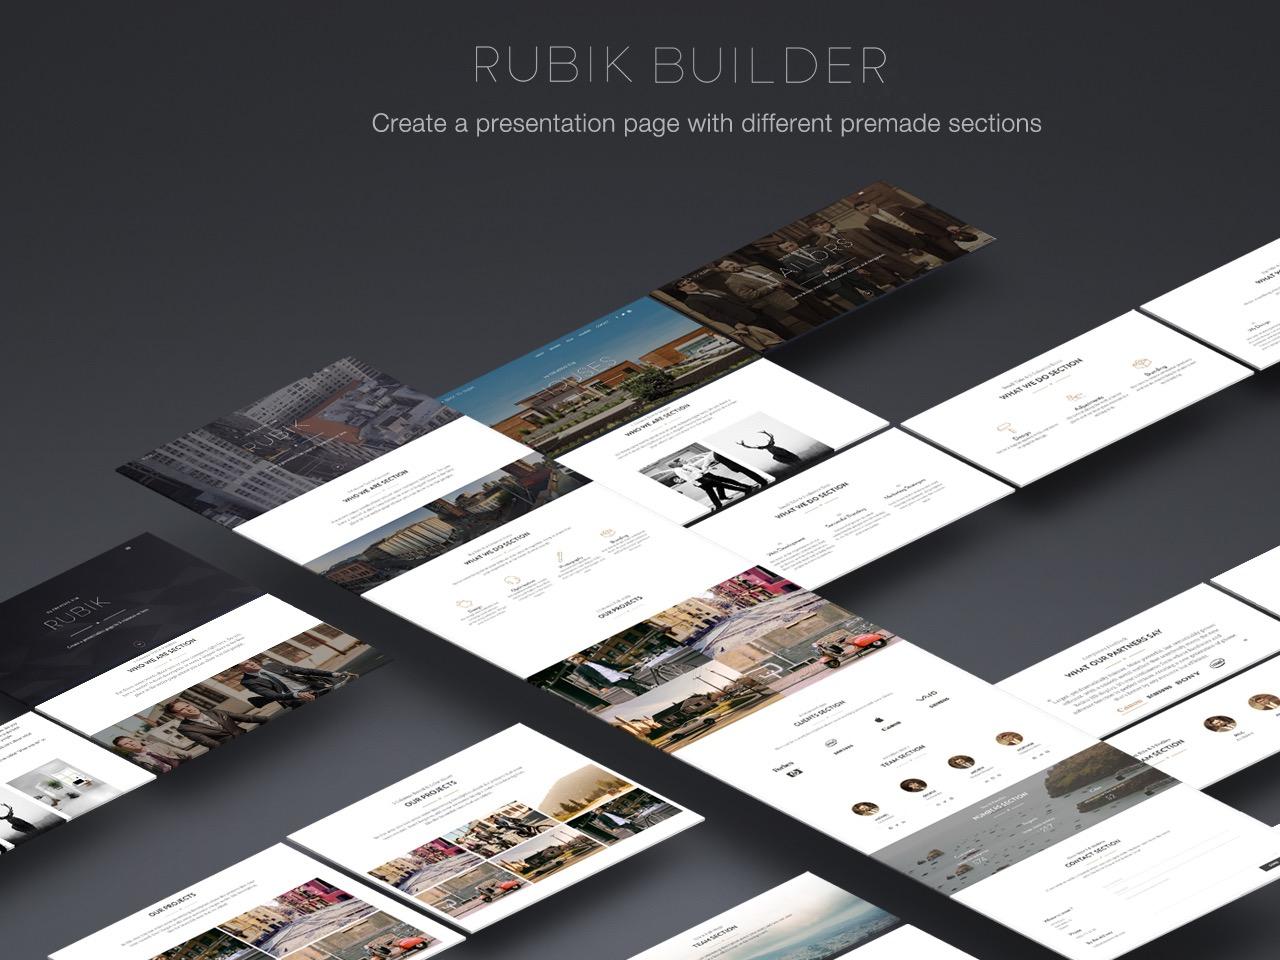 ewebdesign_rubik_builder3-fixed